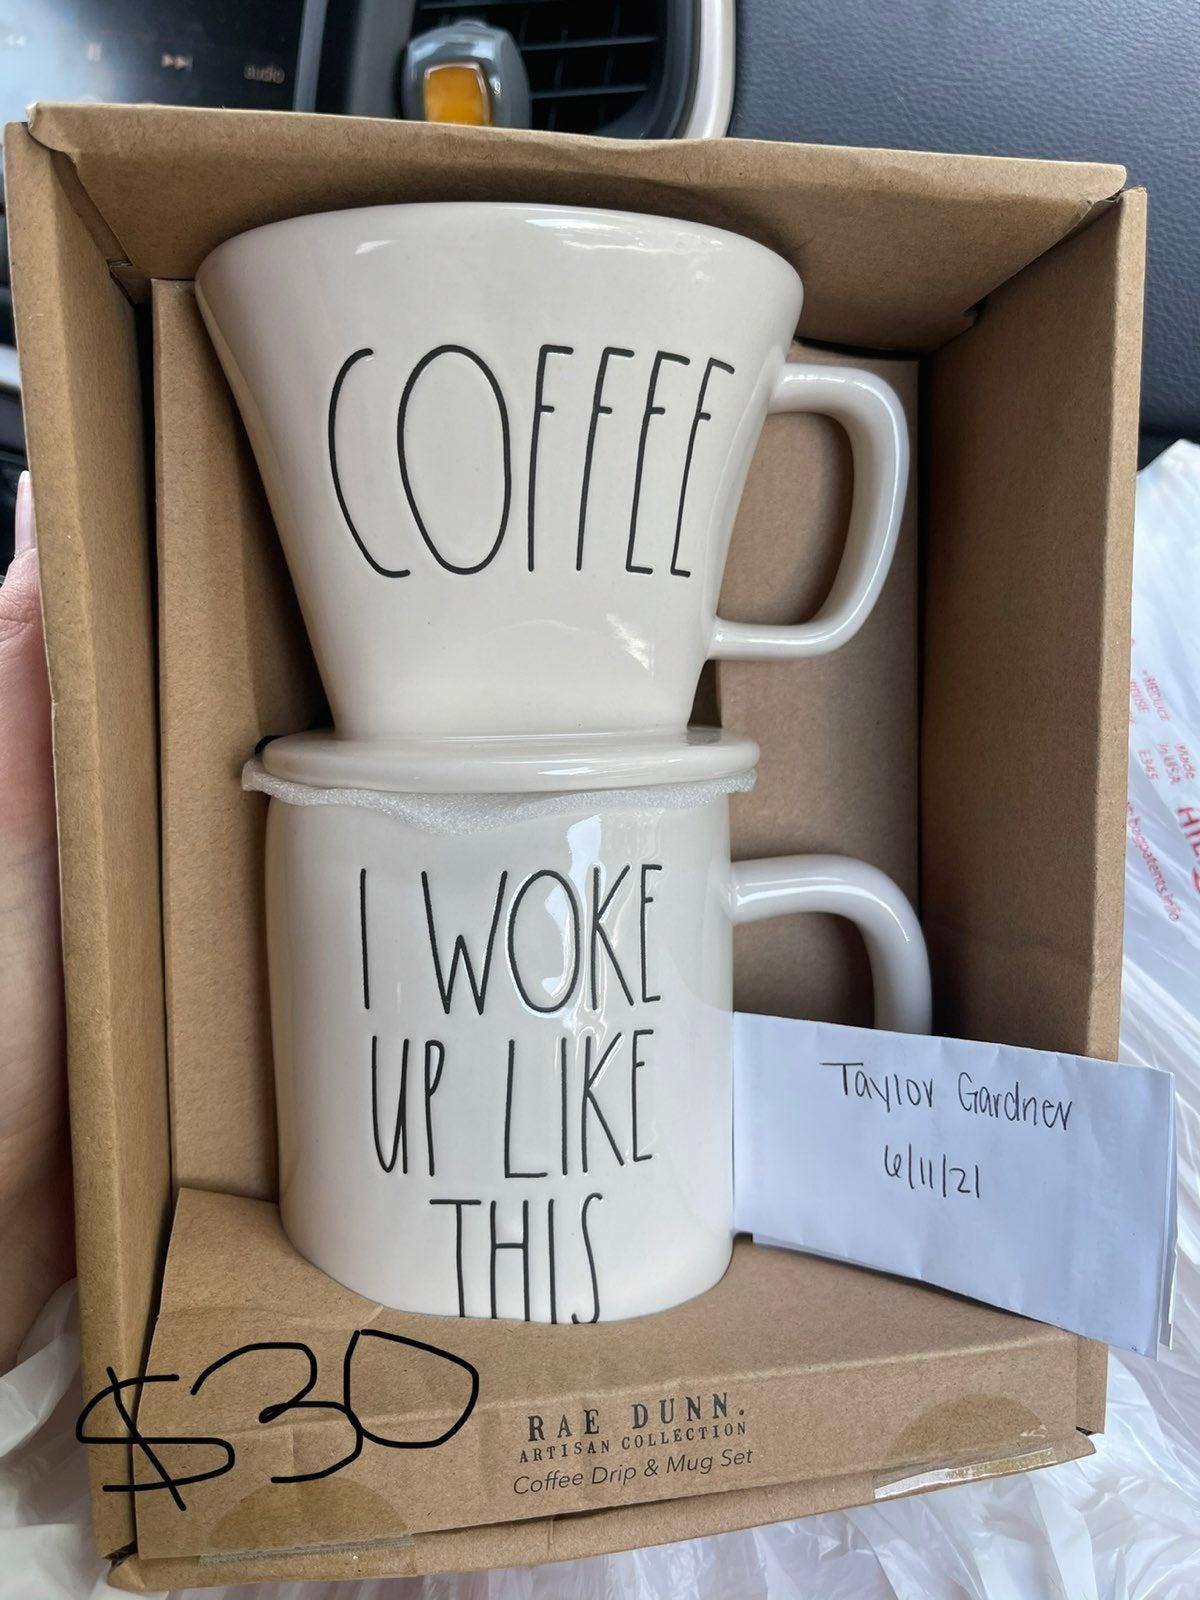 Rae Dunn coffee mug and cup set